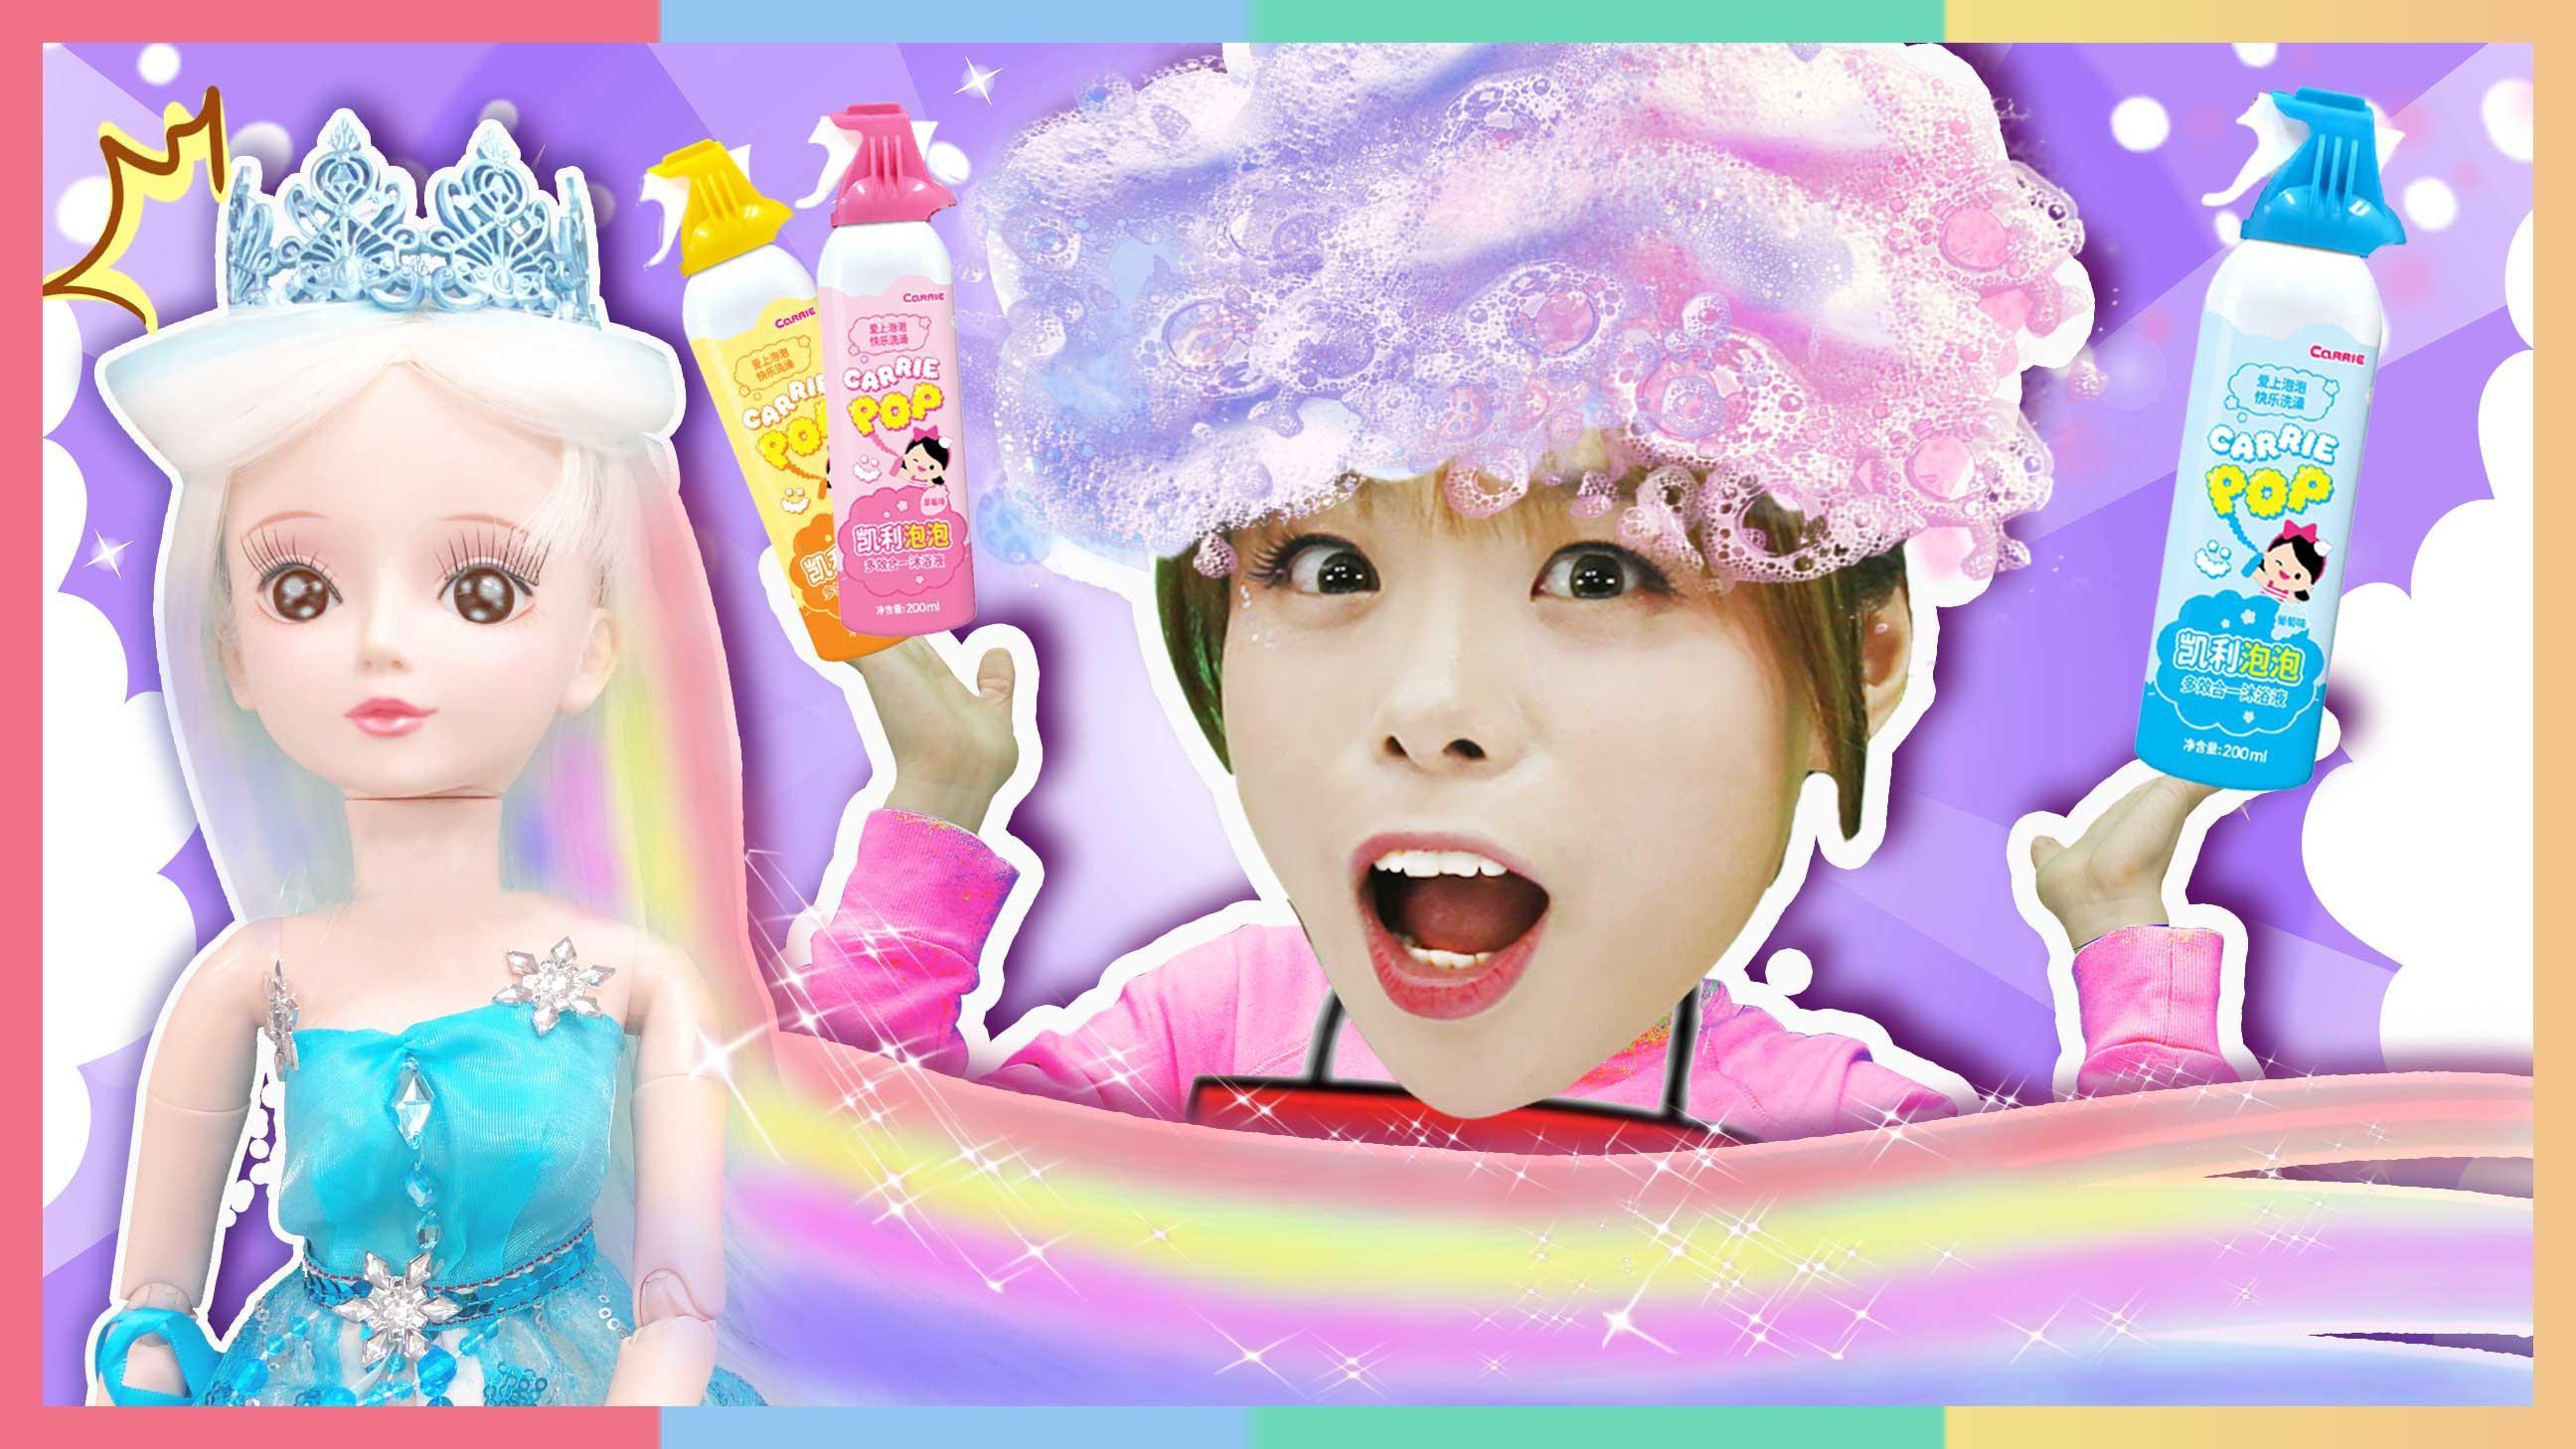 叶罗丽冰公主的美发首选!自然健康炫彩泡泡spa | 凯利和玩具朋友们 CarrieAndToys